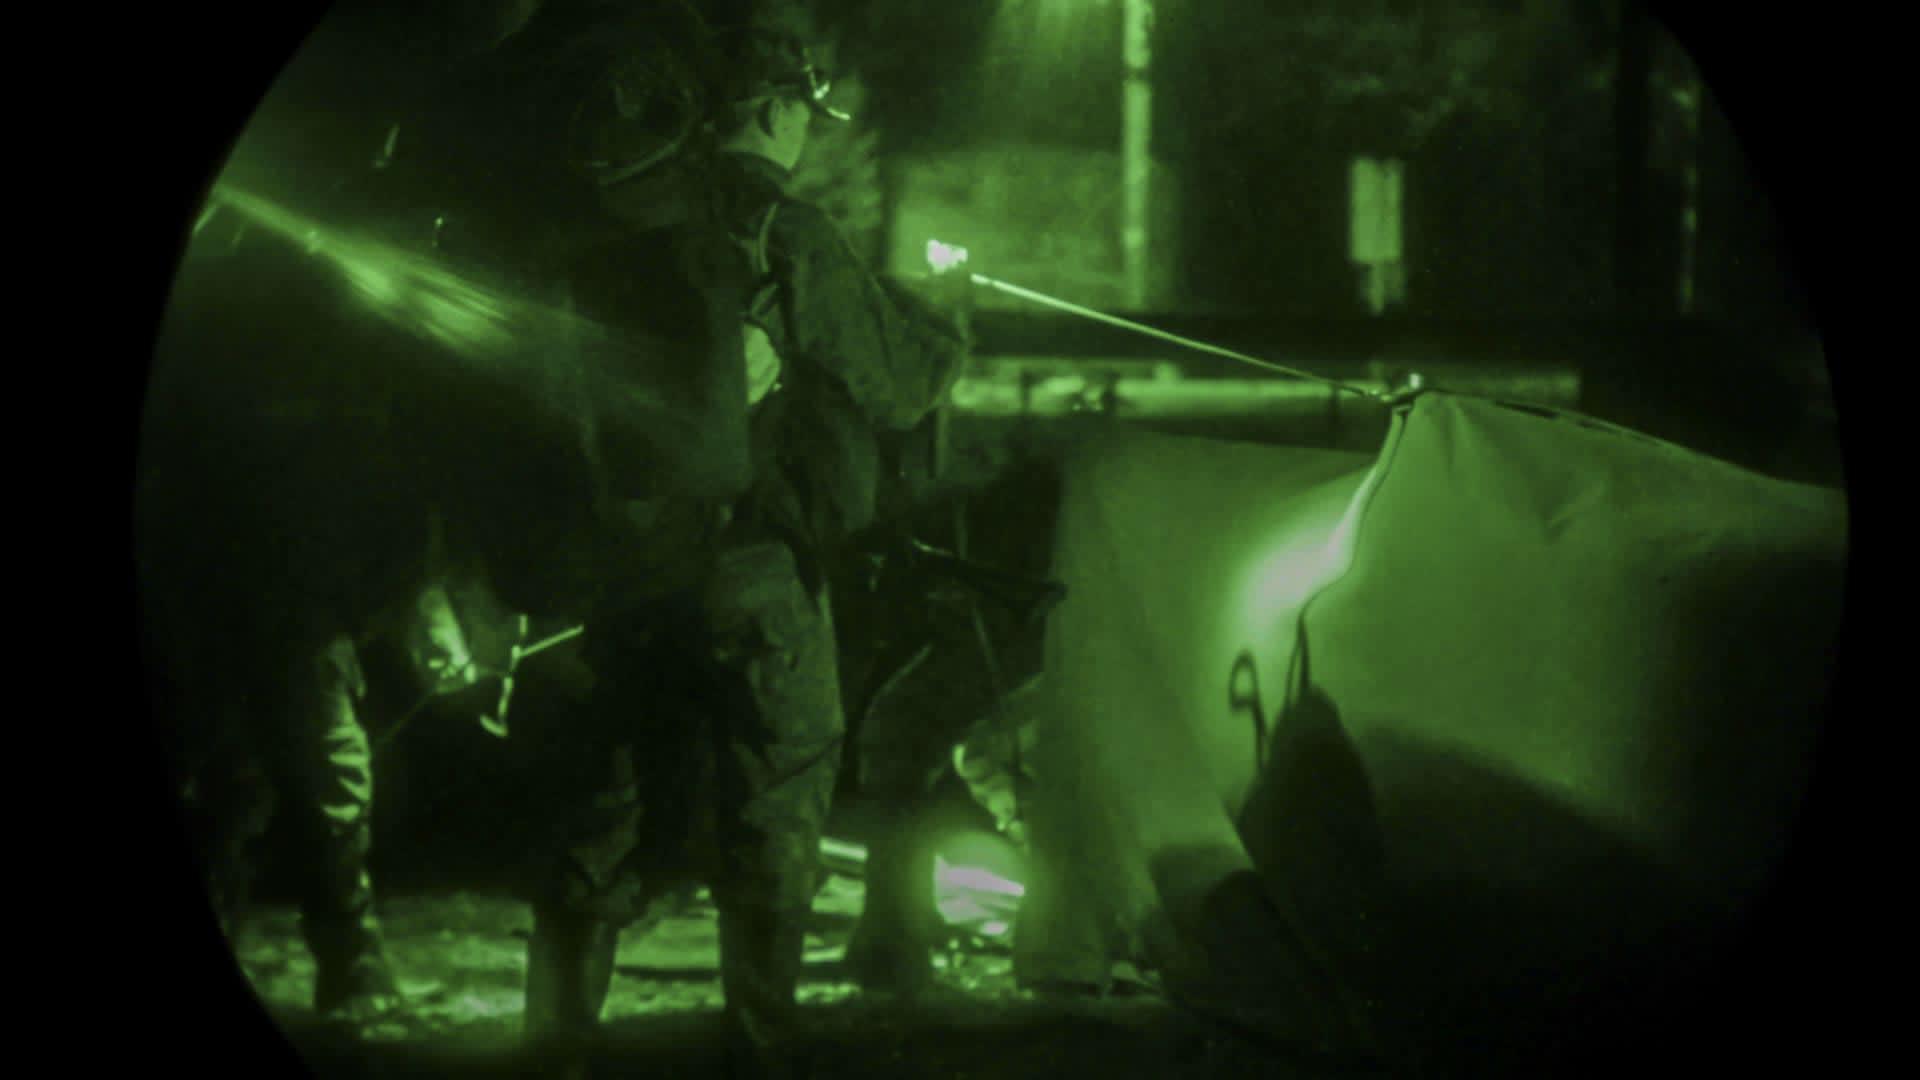 Majoituksen valmistelu eli teltan pystytys pimeässä.